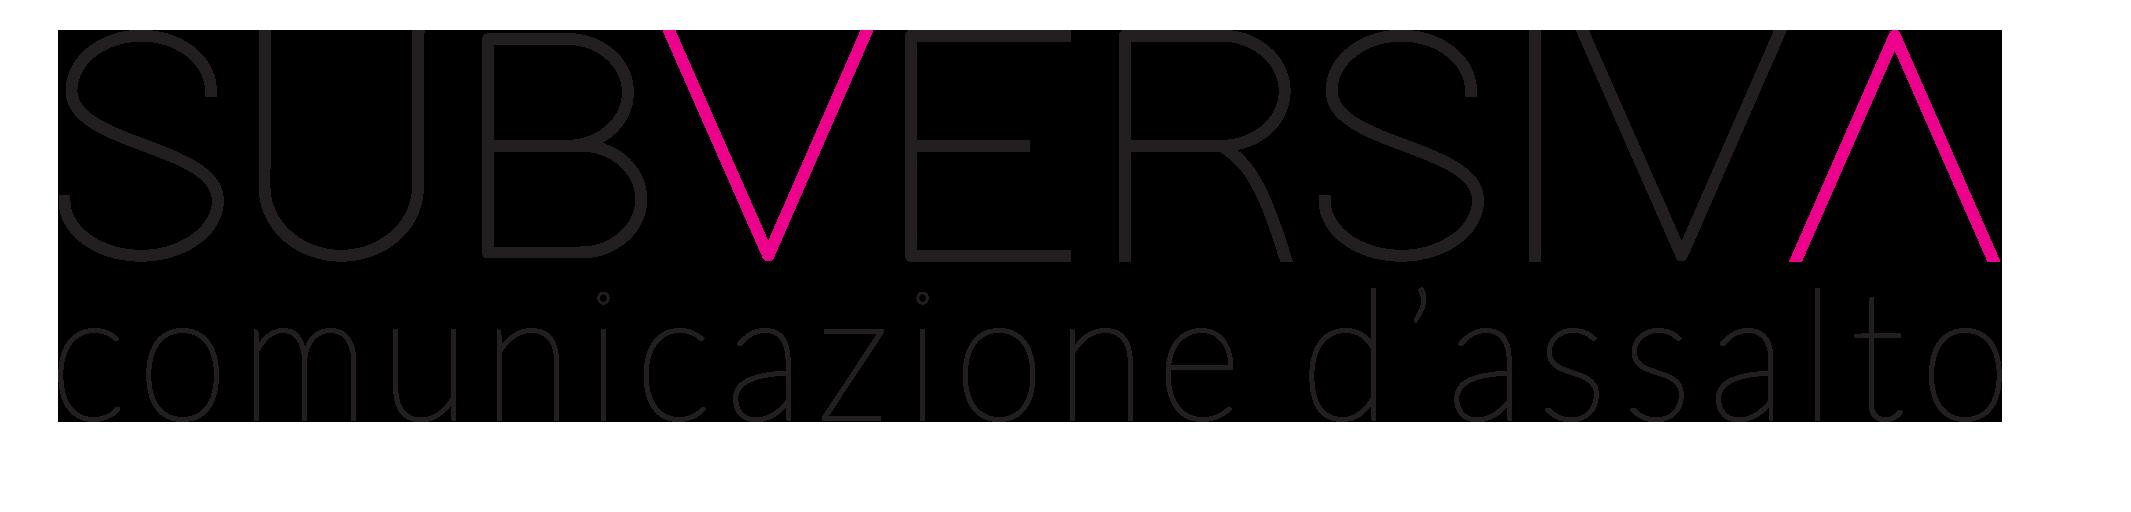 Subversiva Adv - comunicazione, pubblicità, grafica, social, web a Messina